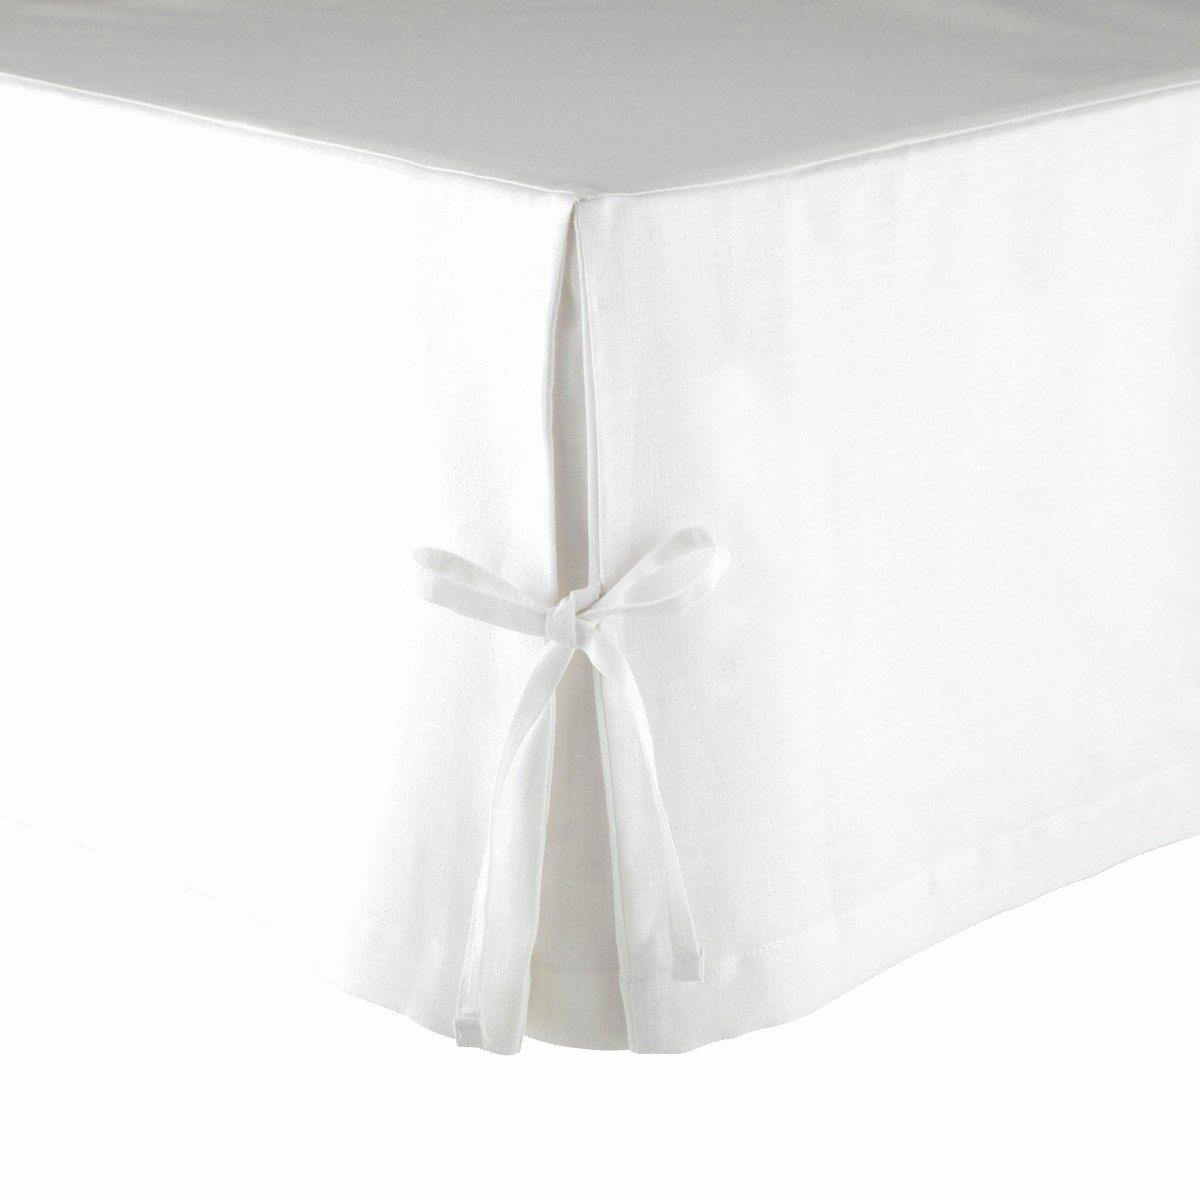 Ikea Dessus De Lit Joli Couvre Lit De Luxe élégant La Redoute Literie sommier Génial Protege